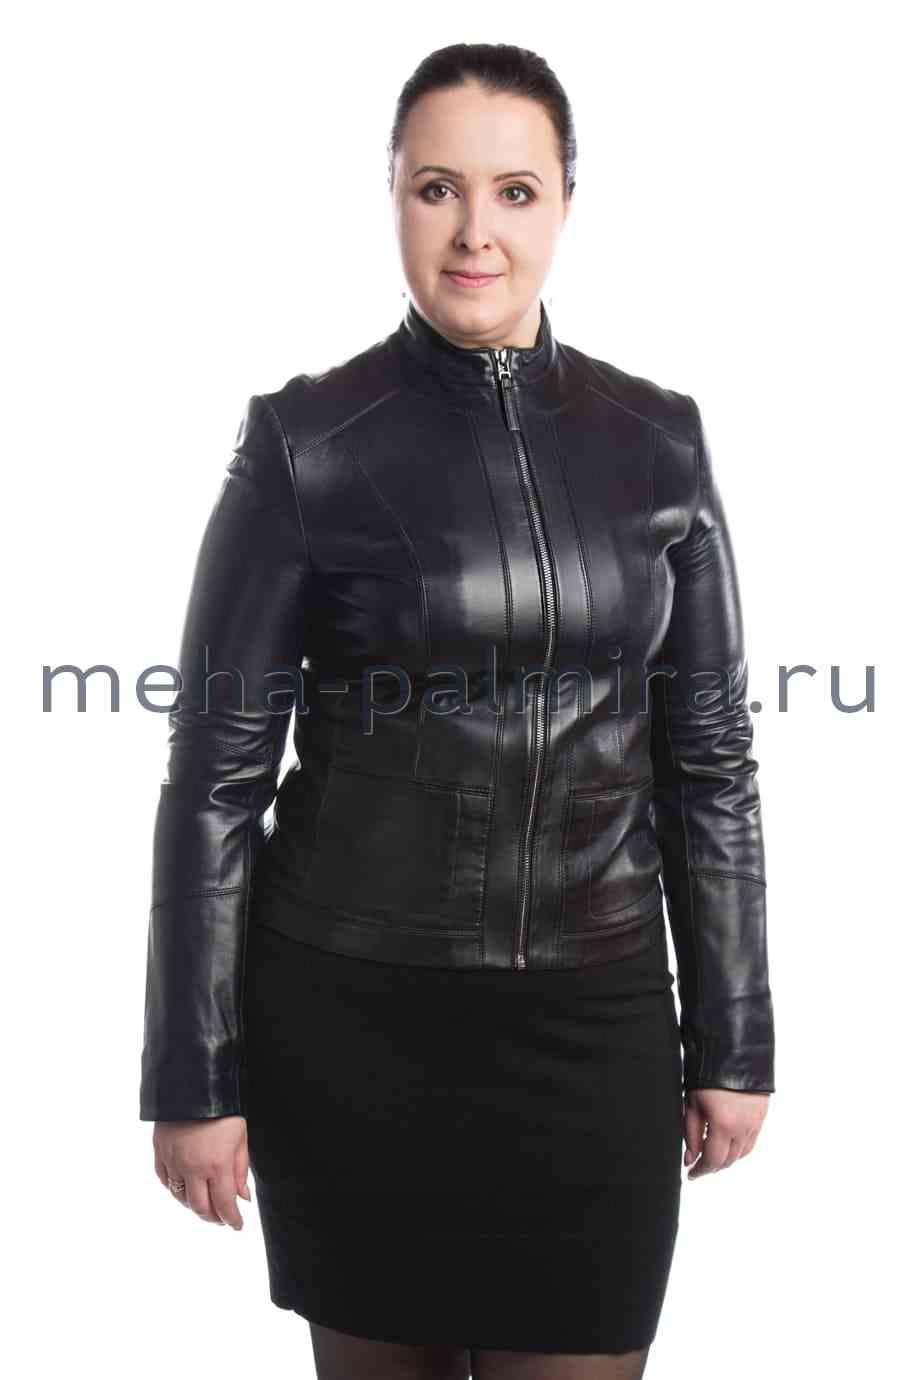 Кожаная куртка для женщин, воротник стойка